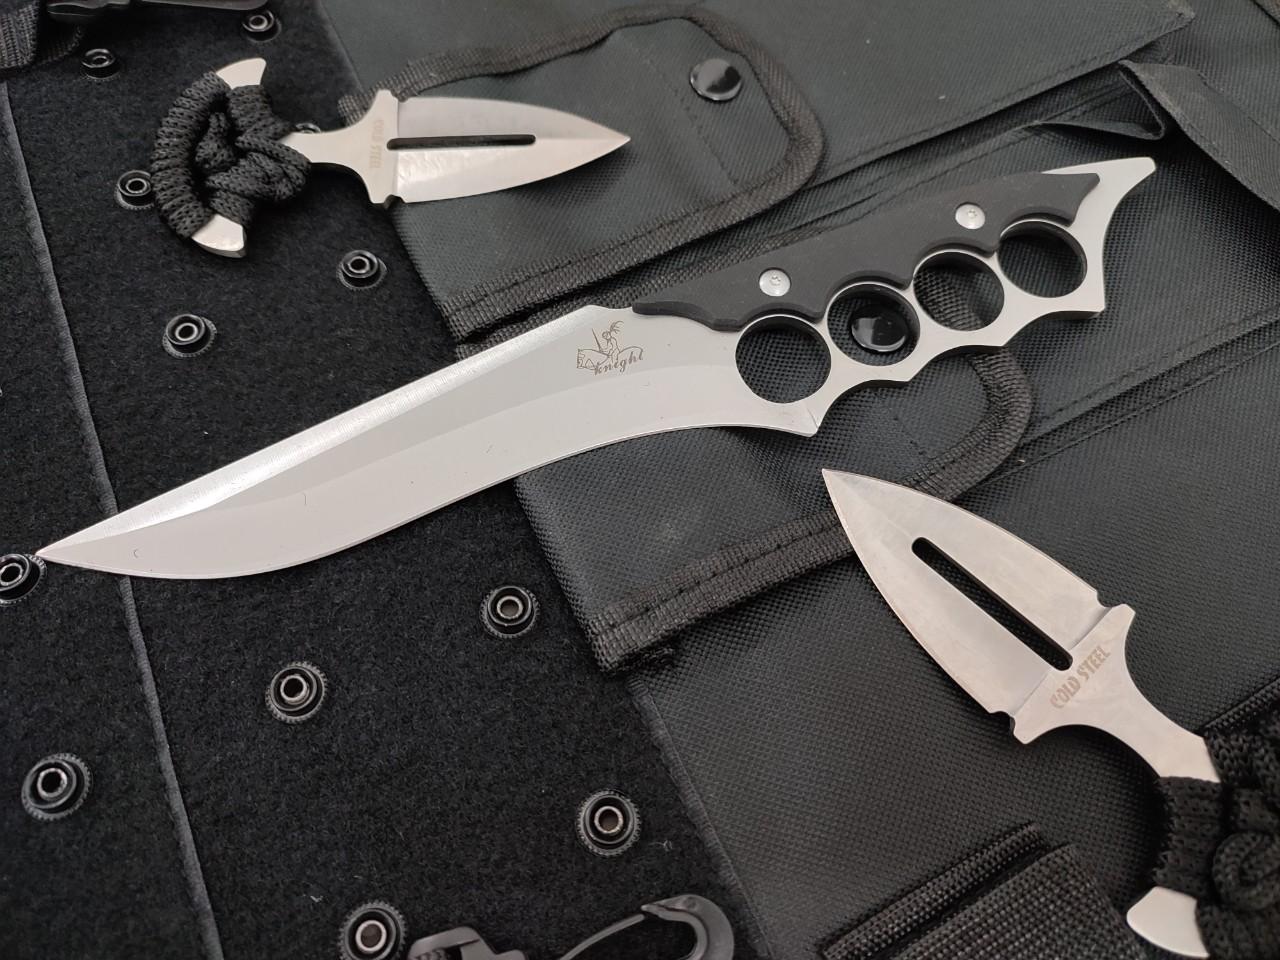 tay dao găm dài 28cm đặc biệt